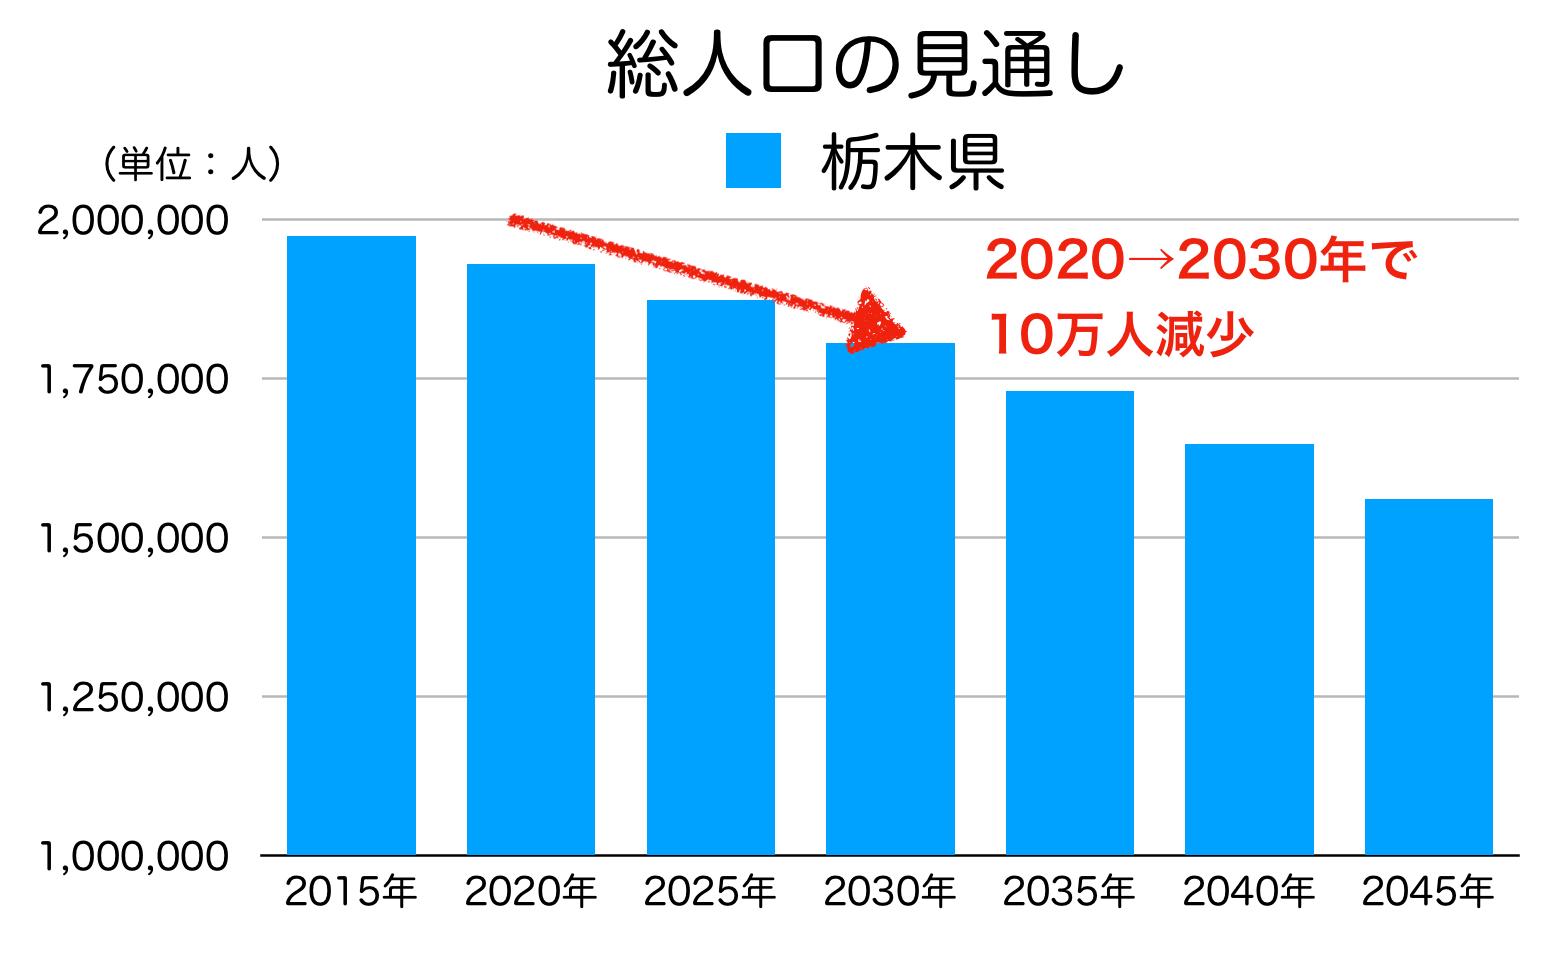 栃木県の総人口の見通し